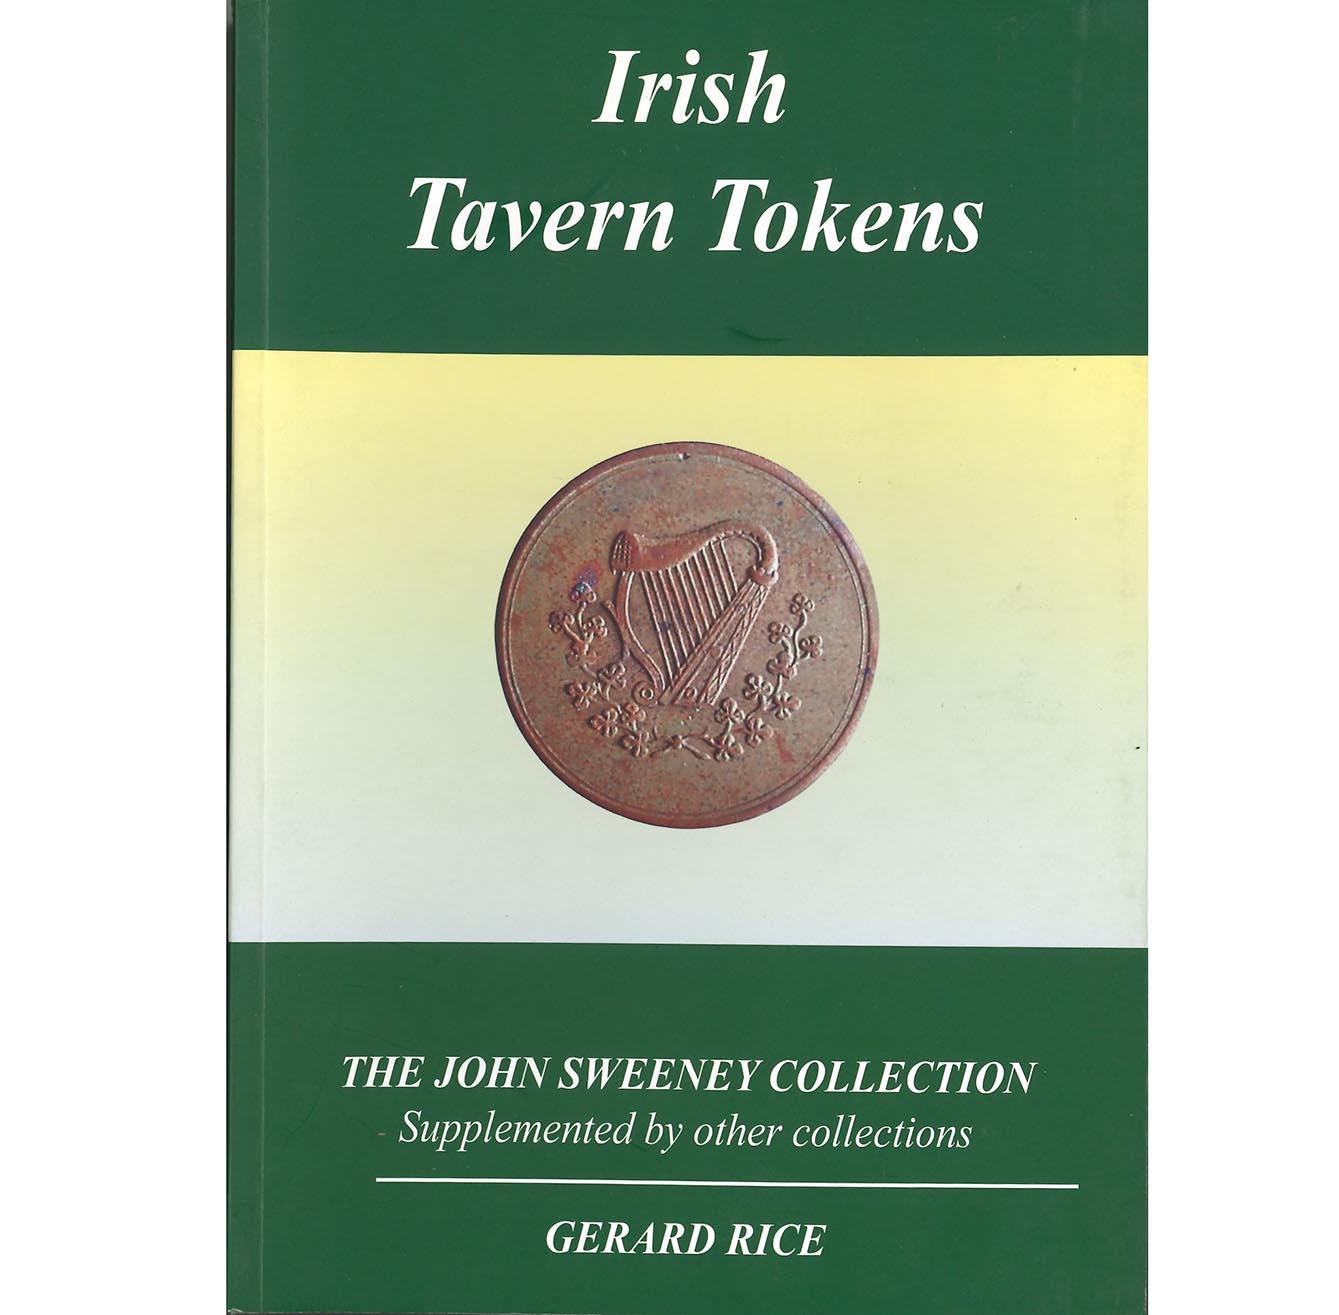 Irish Tavern Tokens